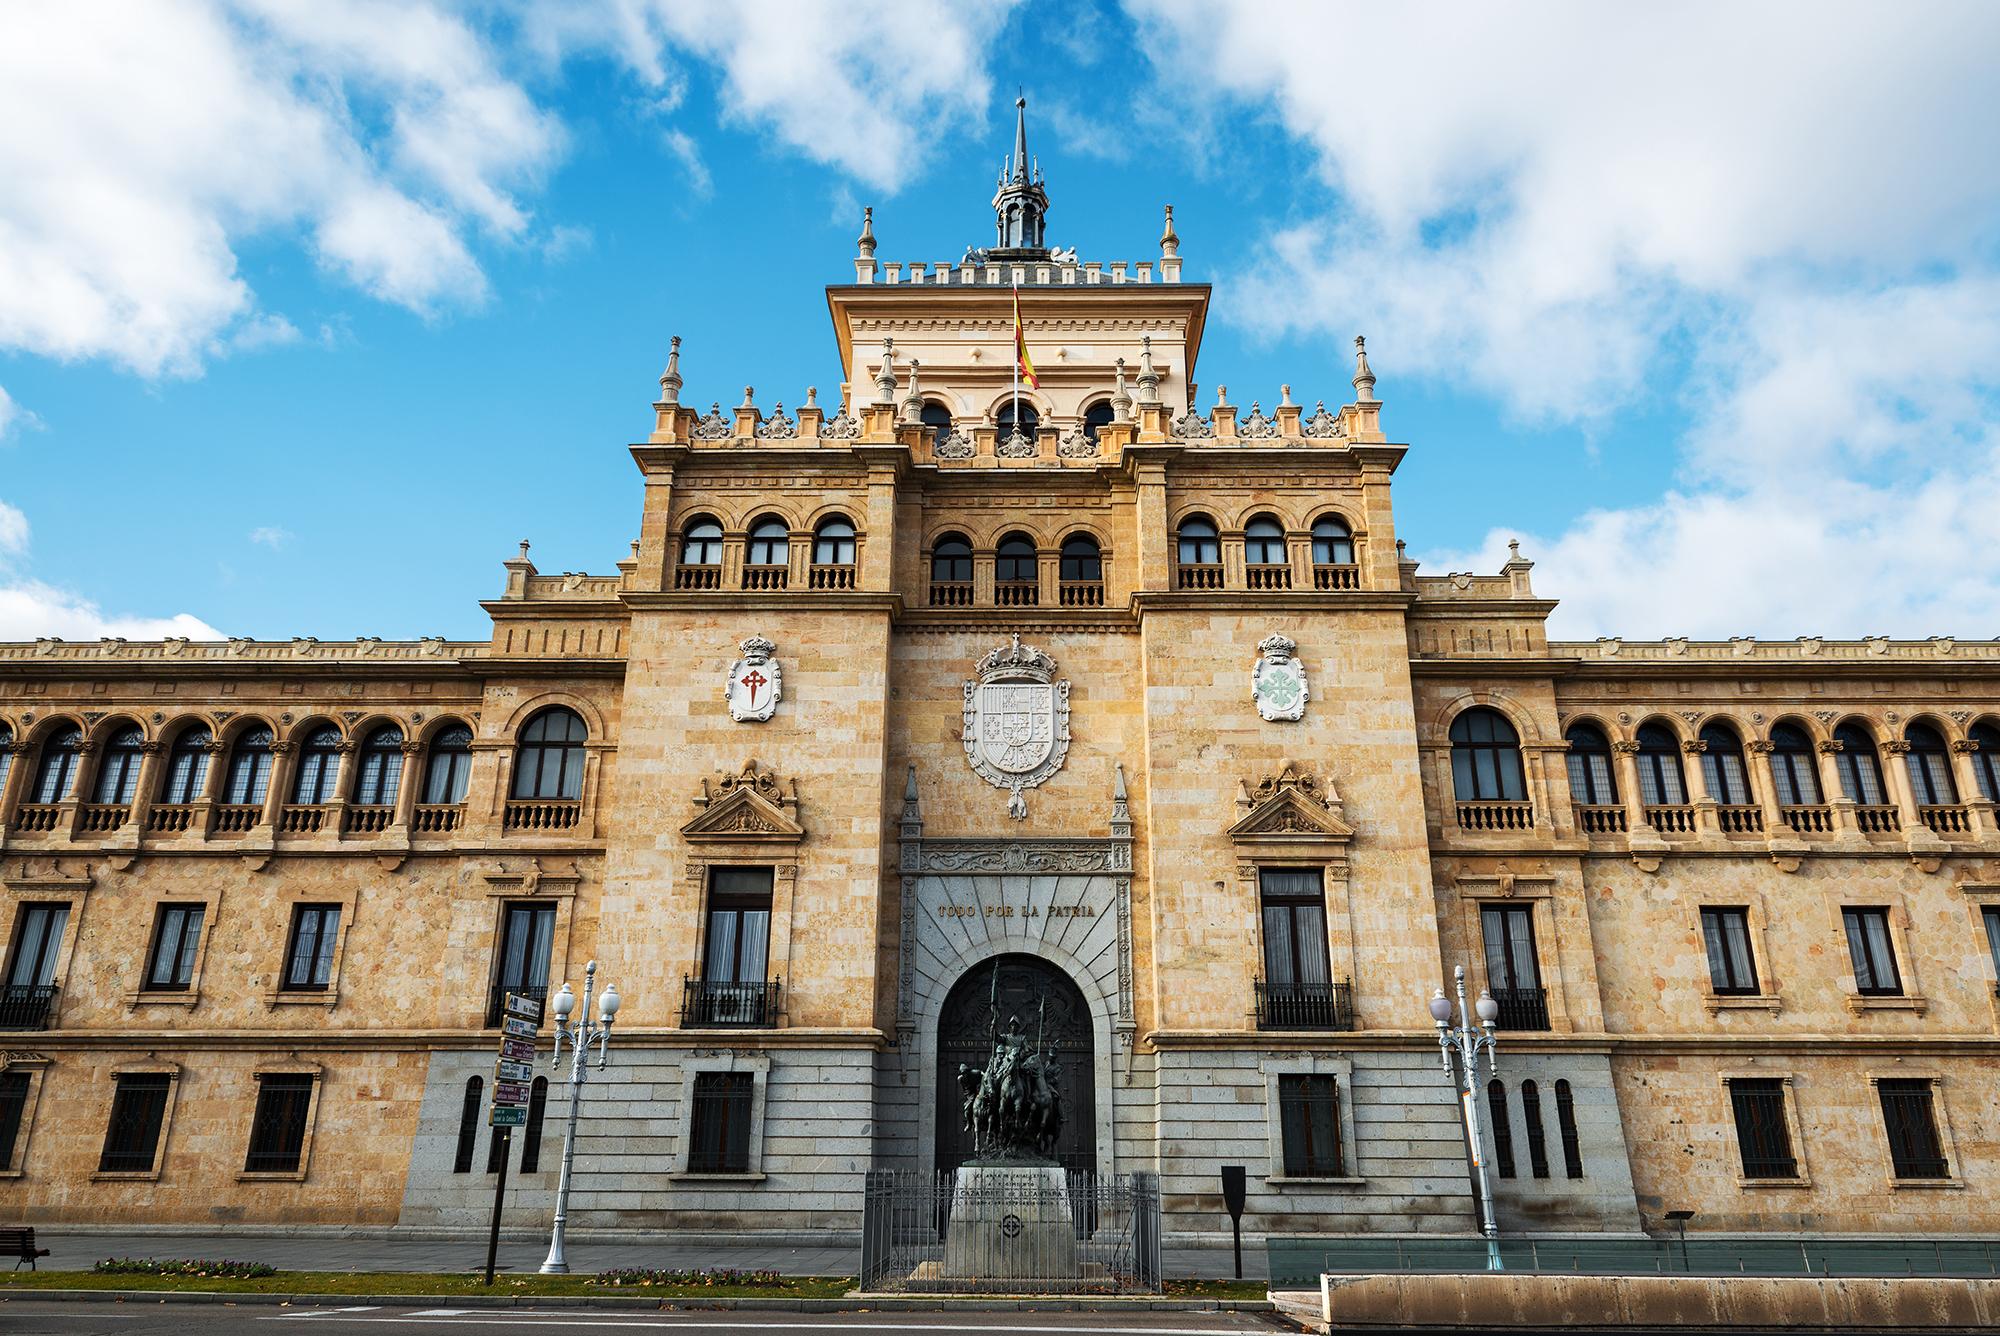 Cavalry Academy building in Valladolid